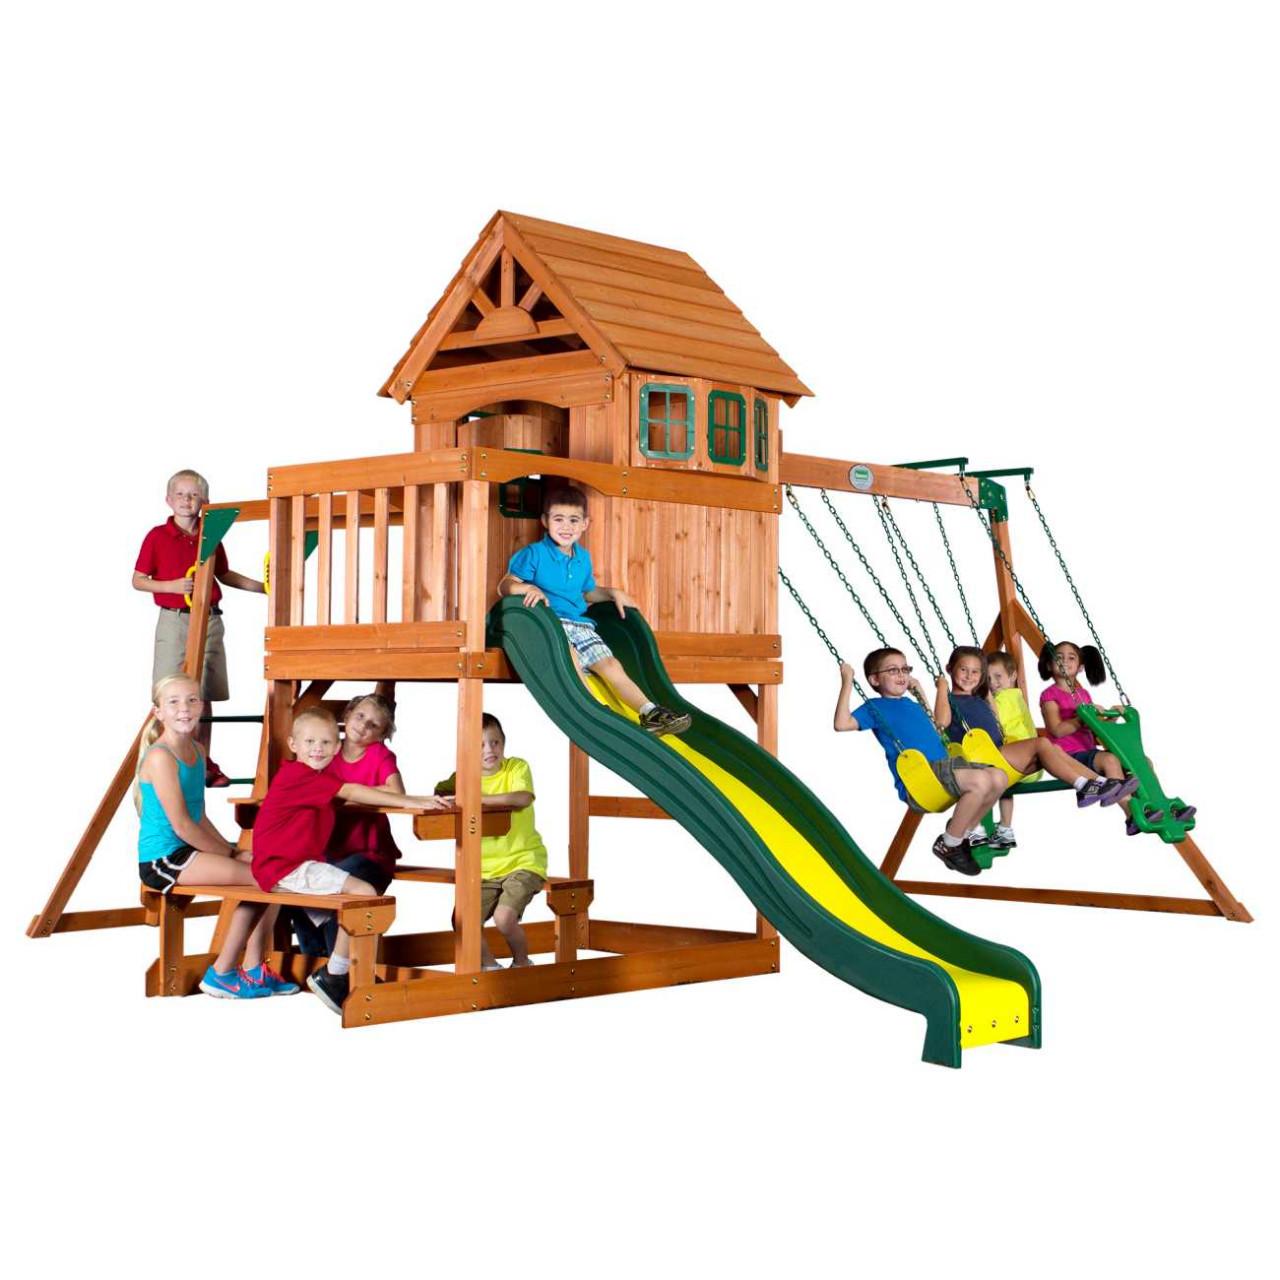 Backyard Spielturm Springboro für Kinder, spielen im Garten